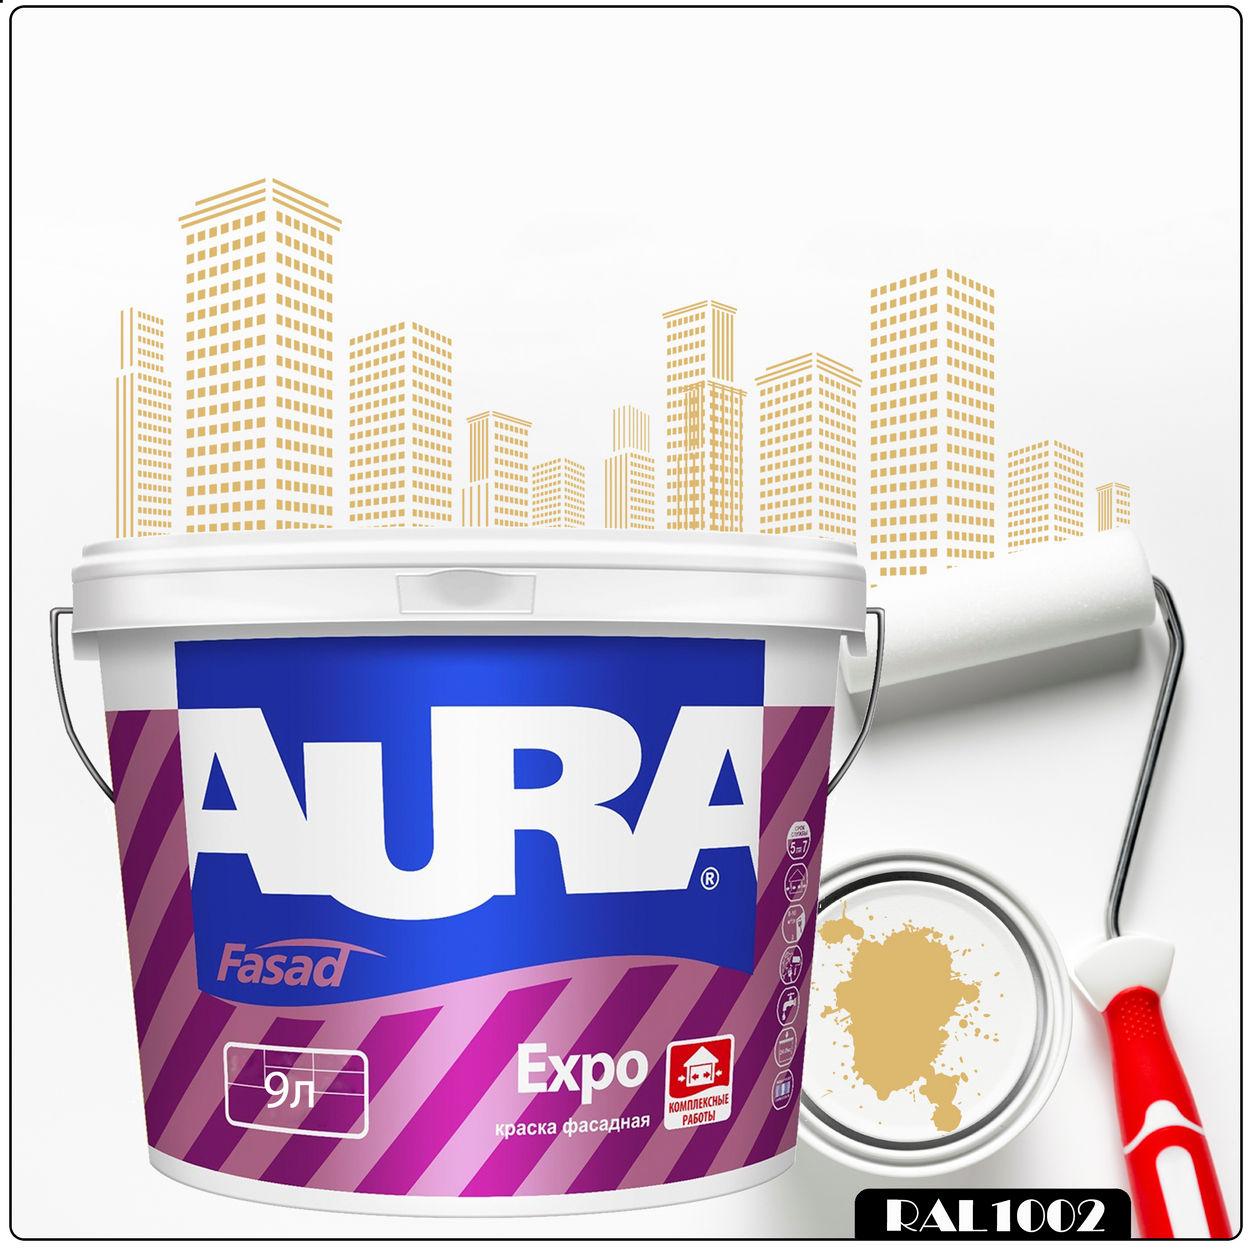 Фото 3 - Краска Aura Fasad Expo, RAL 1002 Песочно-жёлтый, матовая, для фасадов и помещений с повышенной влажностью, 9л.